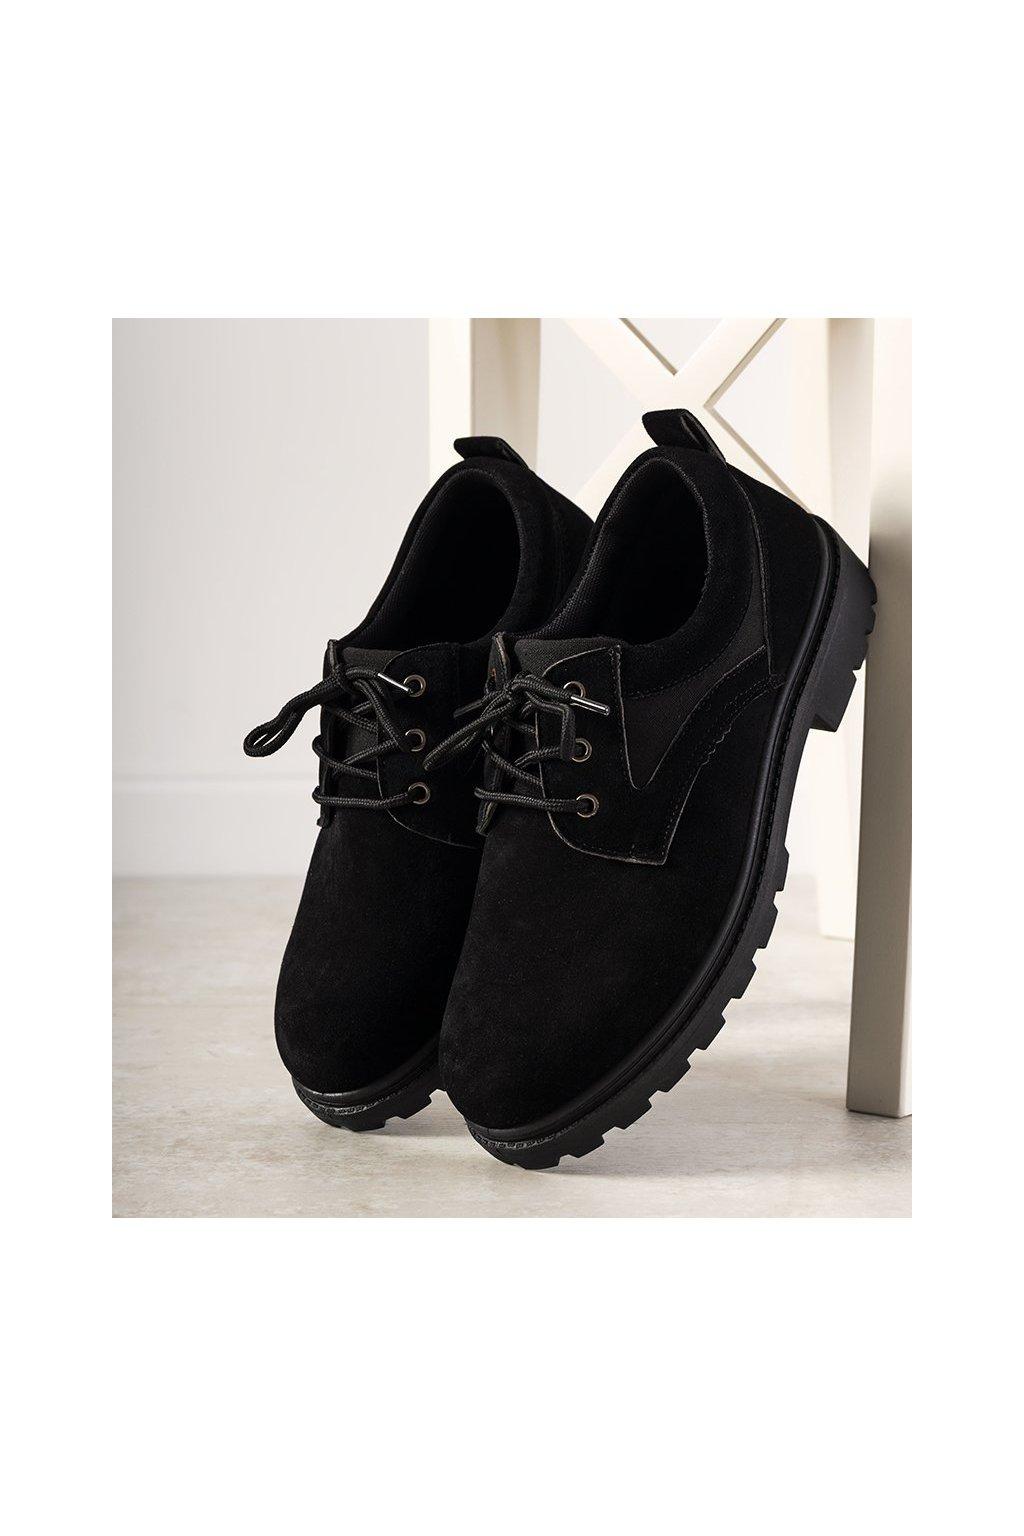 Pánske topánky tenisky čierne kód 29016 - GM